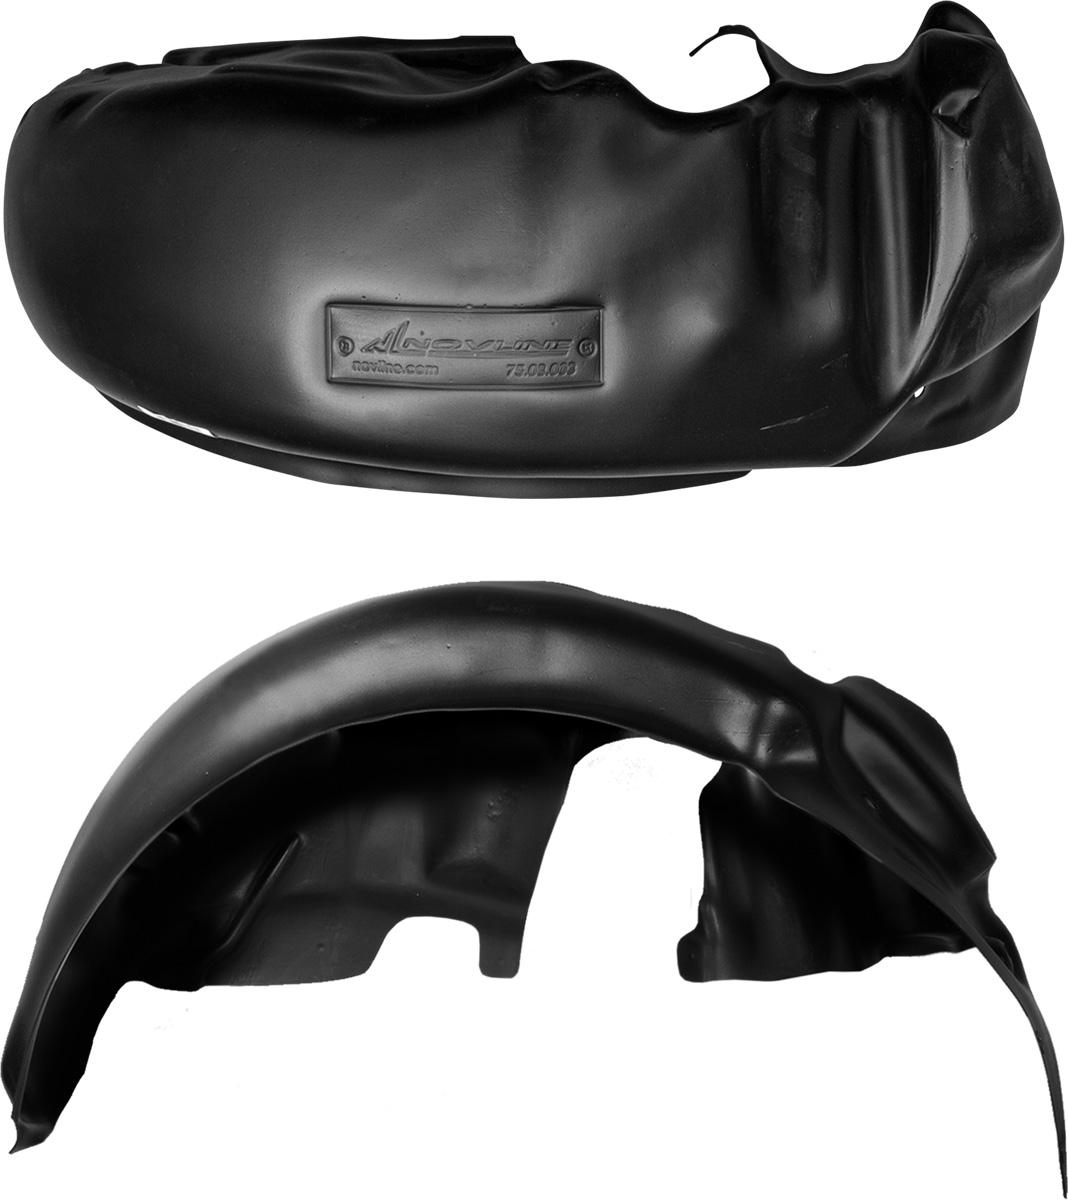 Подкрылок ВАЗ 11183 Kalina 2004-2013, б/б, задний левый4603Колесные ниши – одни из самых уязвимых зон днища вашего автомобиля. Они постоянно подвергаются воздействию со стороны дороги. Лучшая, почти абсолютная защита для них - специально отформованные пластиковые кожухи, которые называются подкрылками, или локерами. Производятся они как для отечественных моделей автомобилей, так и для иномарок. Подкрылки выполнены из высококачественного, экологически чистого пластика. Обеспечивают надежную защиту кузова автомобиля от пескоструйного эффекта и негативного влияния, агрессивных антигололедных реагентов. Пластик обладает более низкой теплопроводностью, чем металл, поэтому в зимний период эксплуатации использование пластиковых подкрылков позволяет лучше защитить колесные ниши от налипания снега и образования наледи. Оригинальность конструкции подчеркивает элегантность автомобиля, бережно защищает нанесенное на днище кузова антикоррозийное покрытие и позволяет осуществить крепление подкрылков внутри колесной арки практически без дополнительного крепежа и сверления, не нарушая при этом лакокрасочного покрытия, что предотвращает возникновение новых очагов коррозии. Технология крепления подкрылков на иномарки принципиально отличается от крепления на российские автомобили и разрабатывается индивидуально для каждой модели автомобиля. Подкрылки долговечны, обладают высокой прочностью и сохраняют заданную форму, а также все свои физико-механические характеристики в самых тяжелых климатических условиях ( от -50° С до + 50° С).